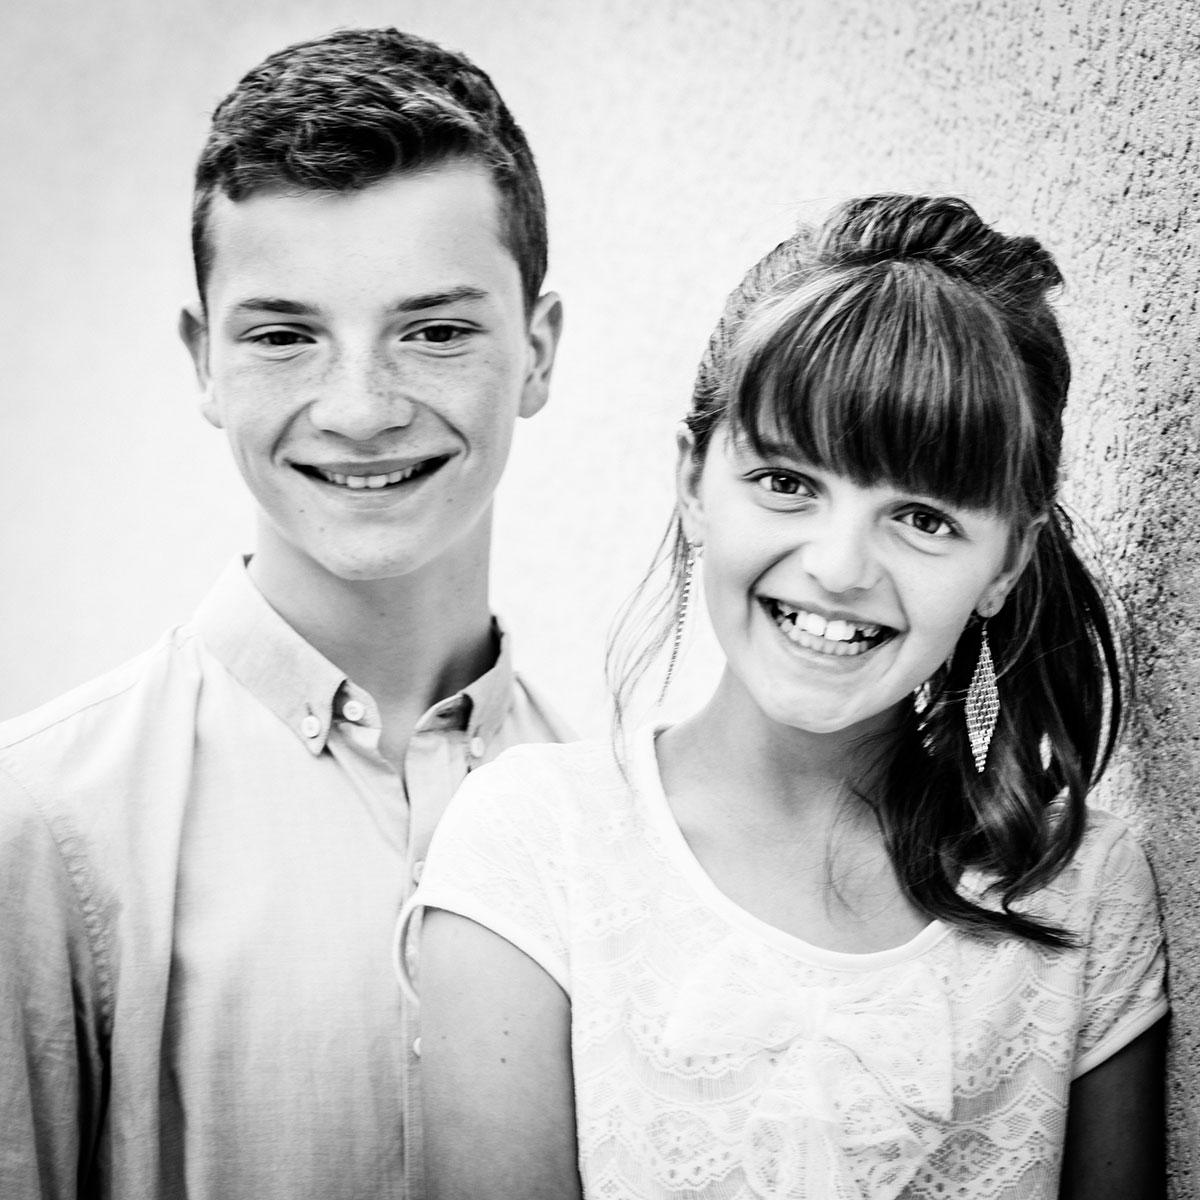 reportage photo domicile portrait famille enfants lifestyle lorraine